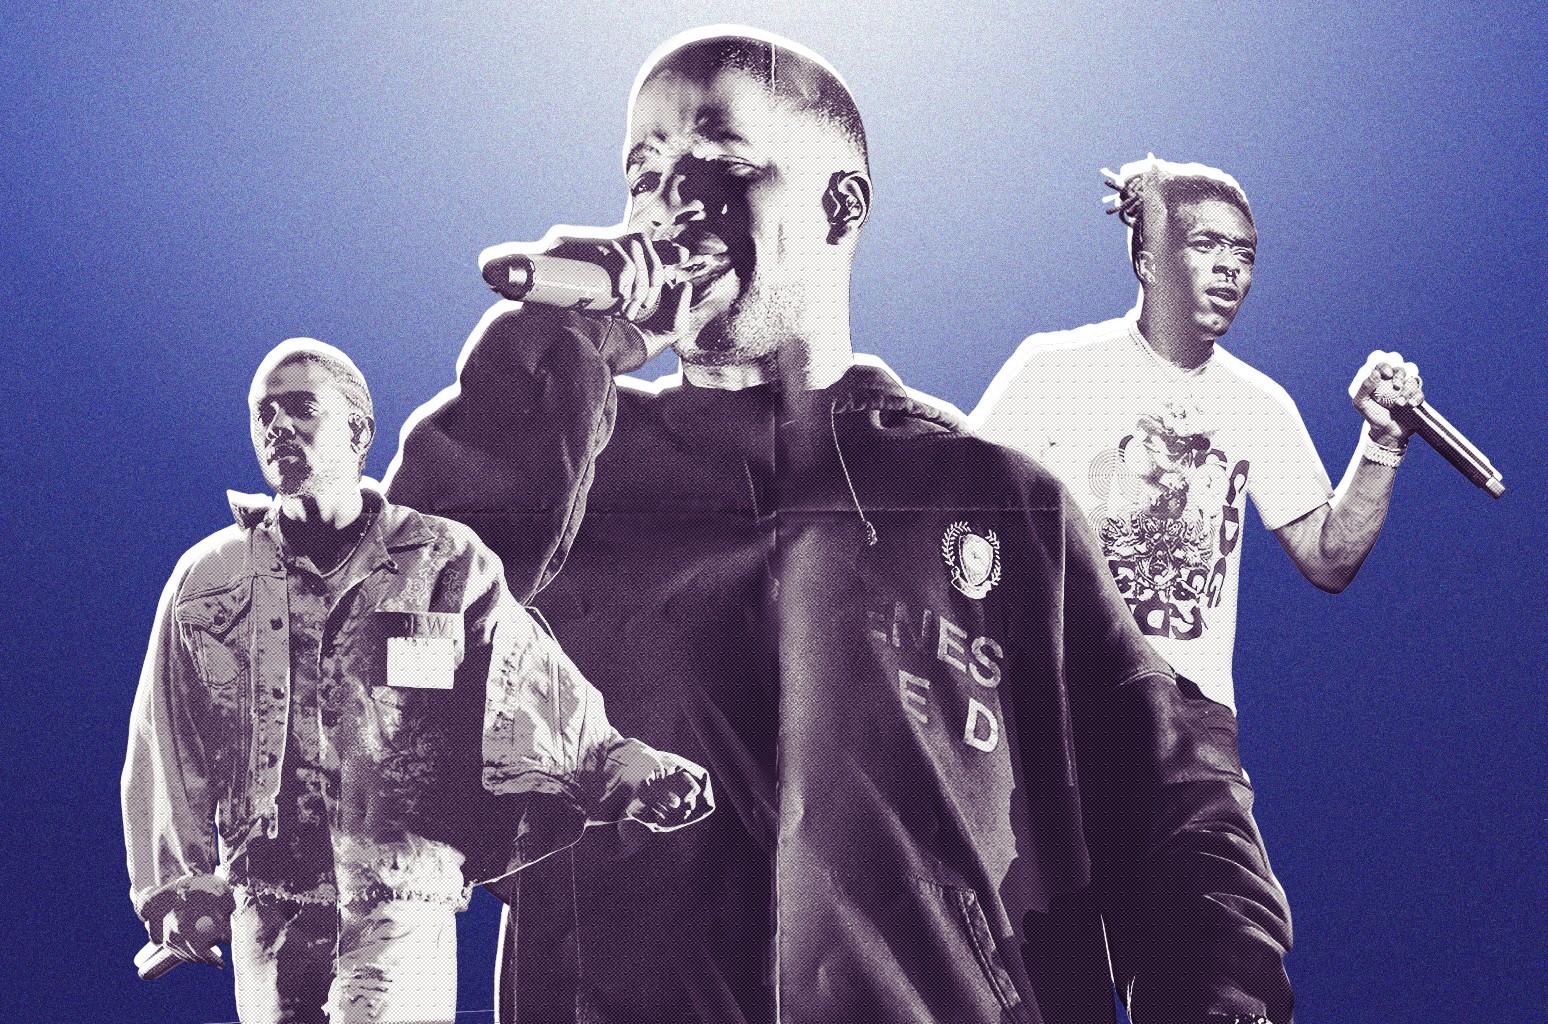 Kendrick Lamar, Kid Cudi & Lil Uzi Vert